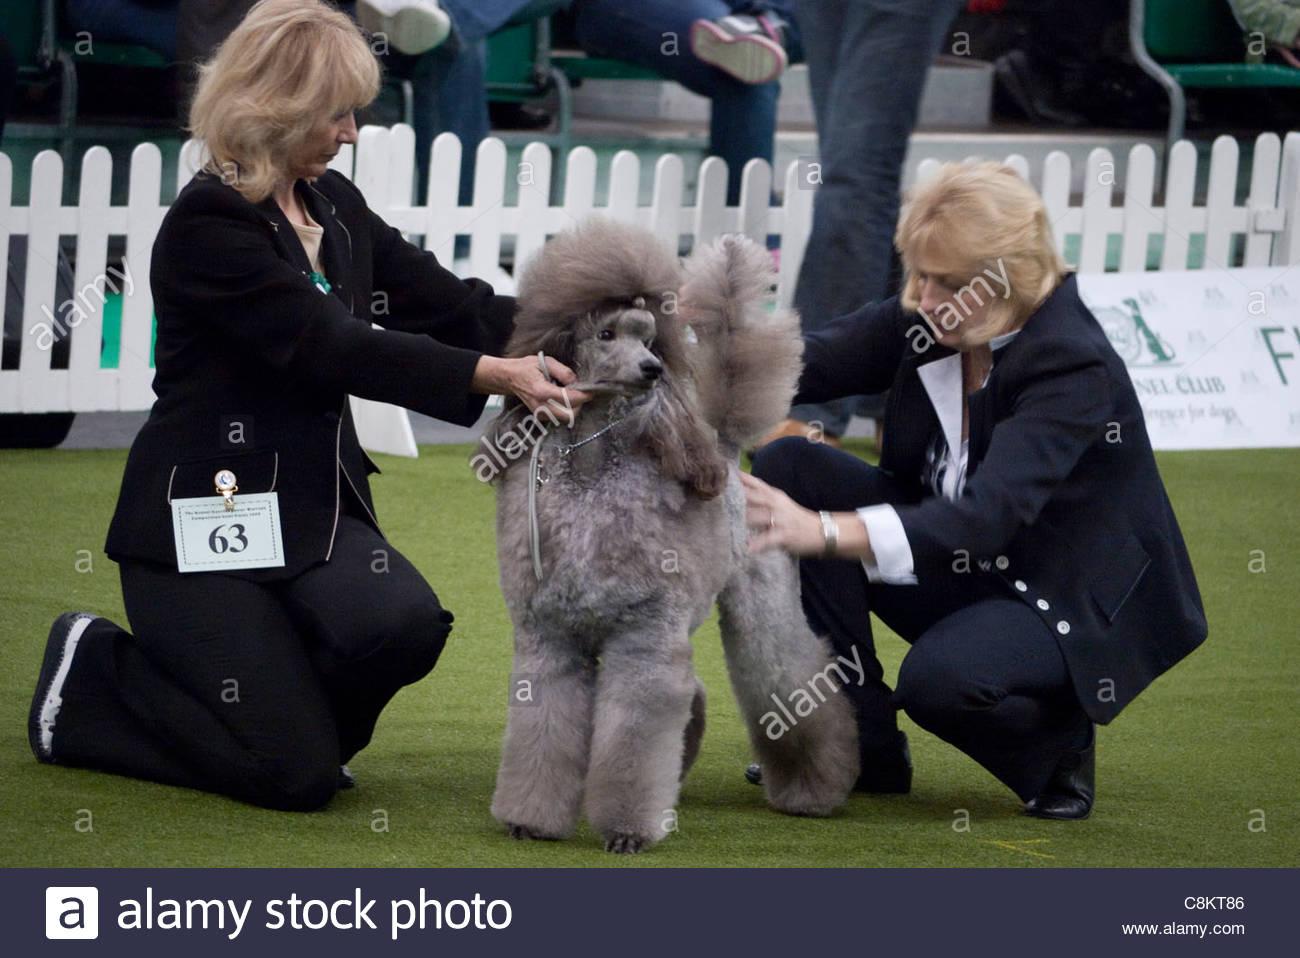 Les Londoniens: Découvrez Dog Show à Earls Court, Londres Photo Stock